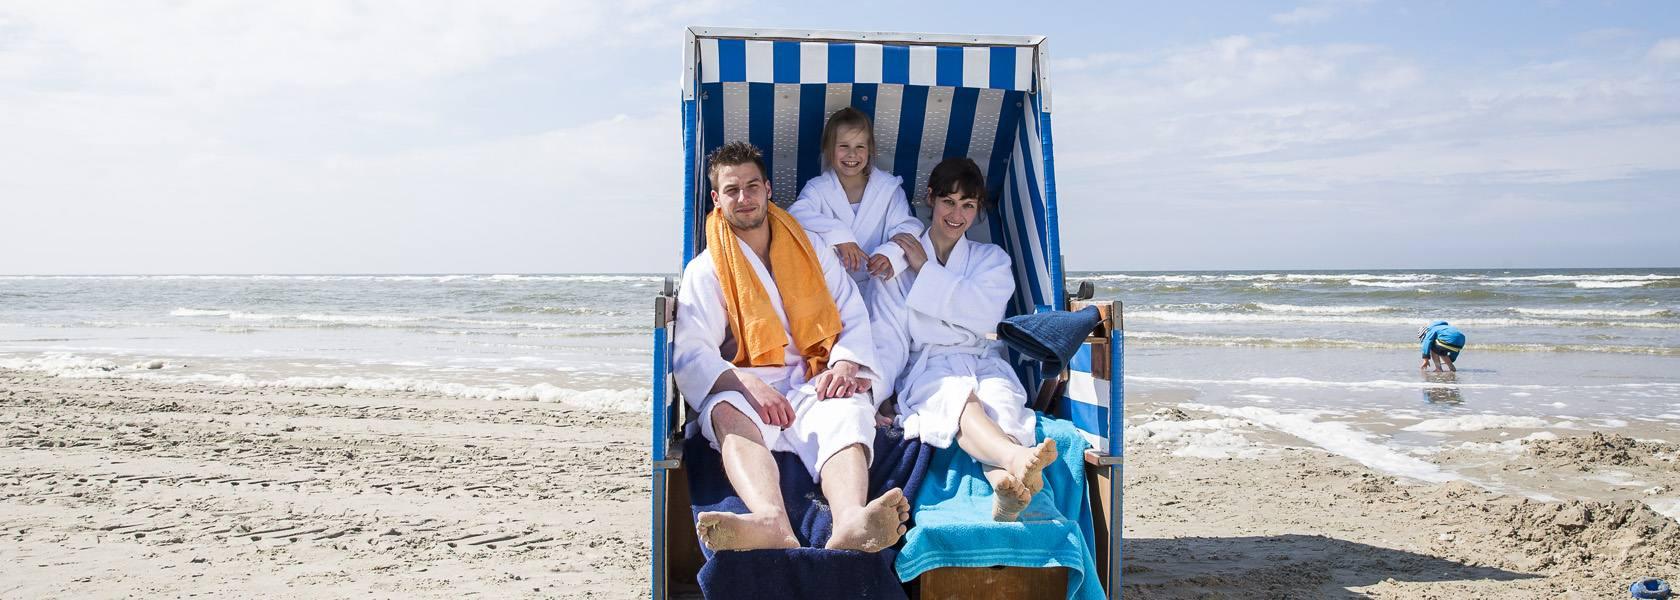 Im Strandkorb entspannen, © Die Nordsee GmbH, Martin Stöver